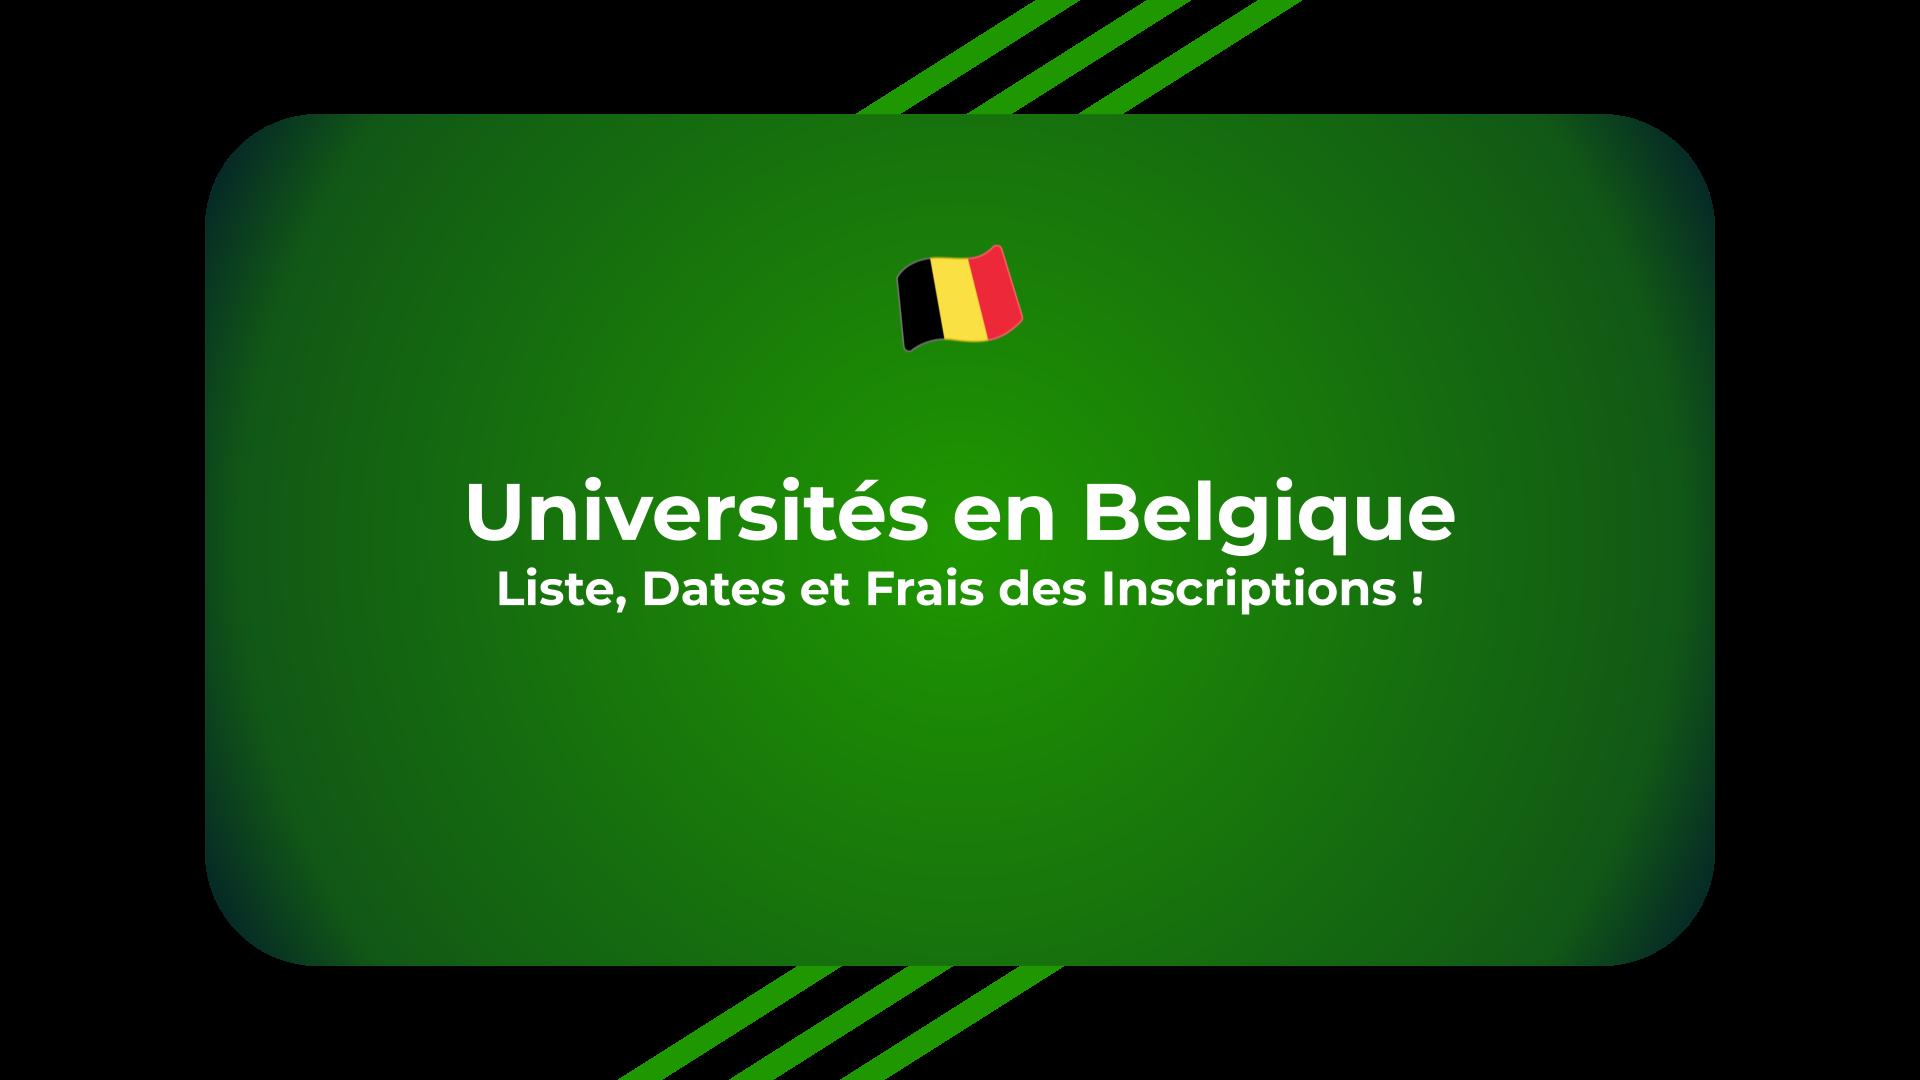 Universités en Belgique - Liste, Dates et Frais des Inscriptions !